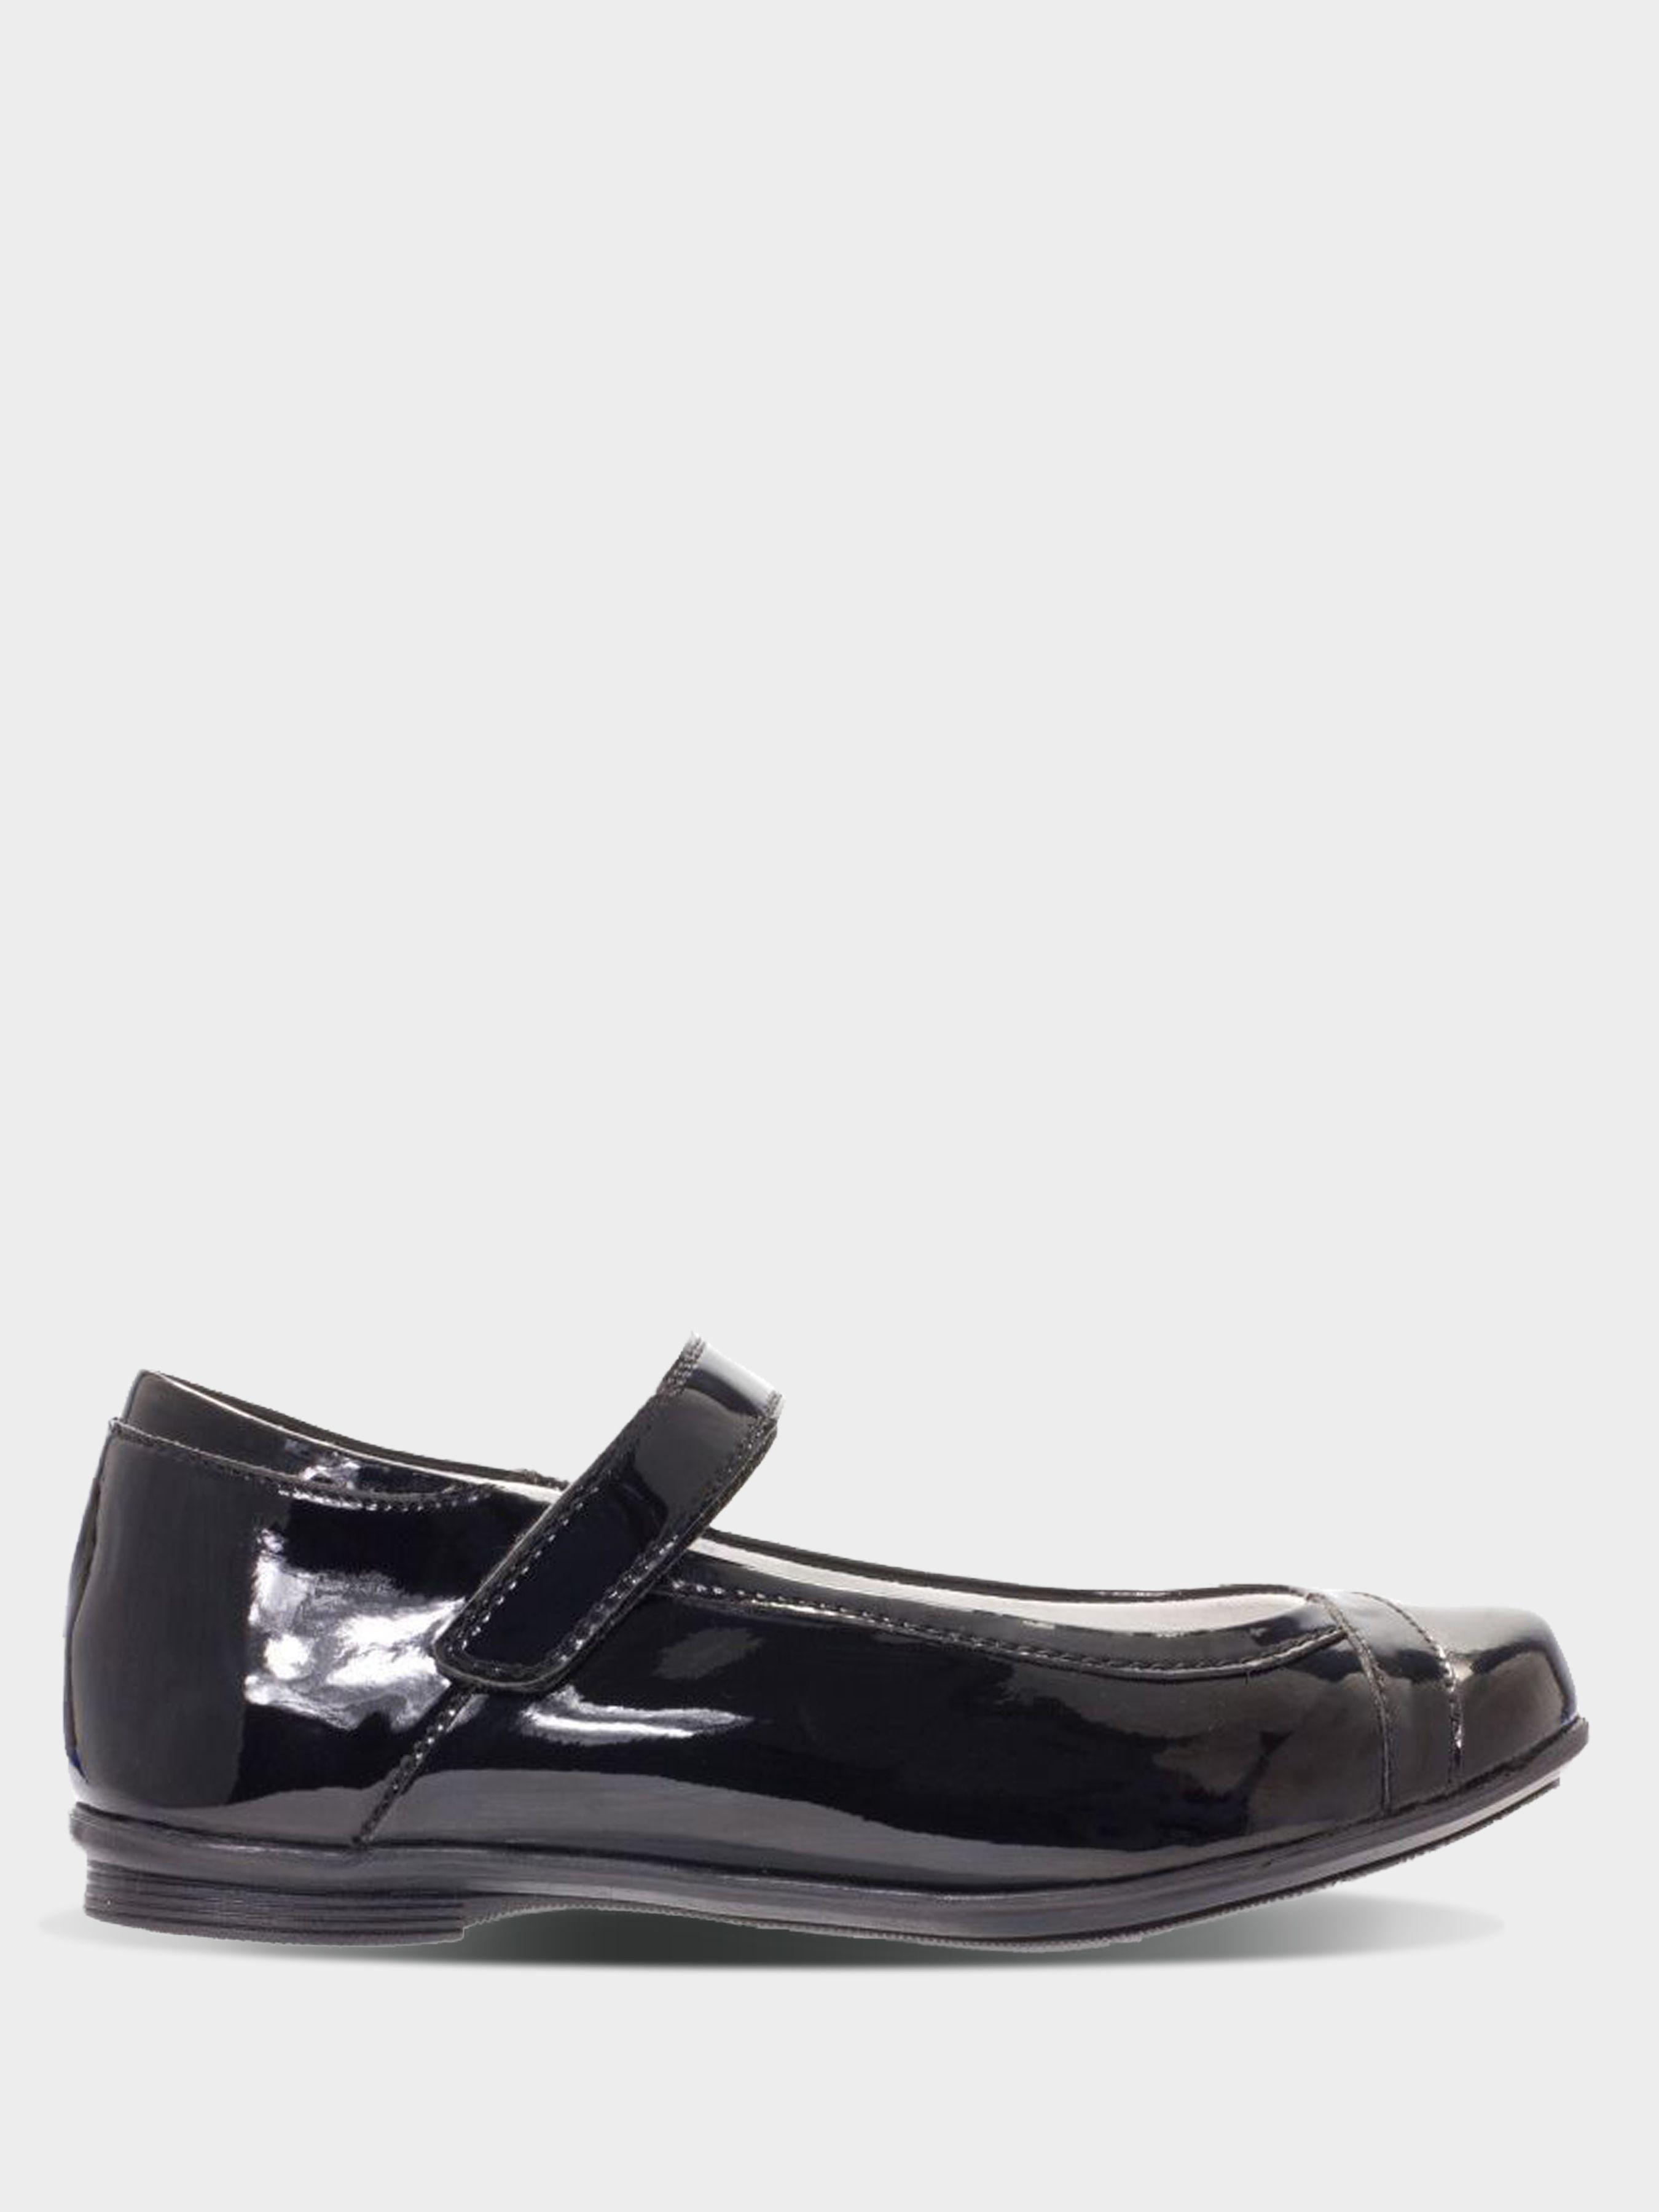 Туфли для детей Braska AE136 купить онлайн, 2017